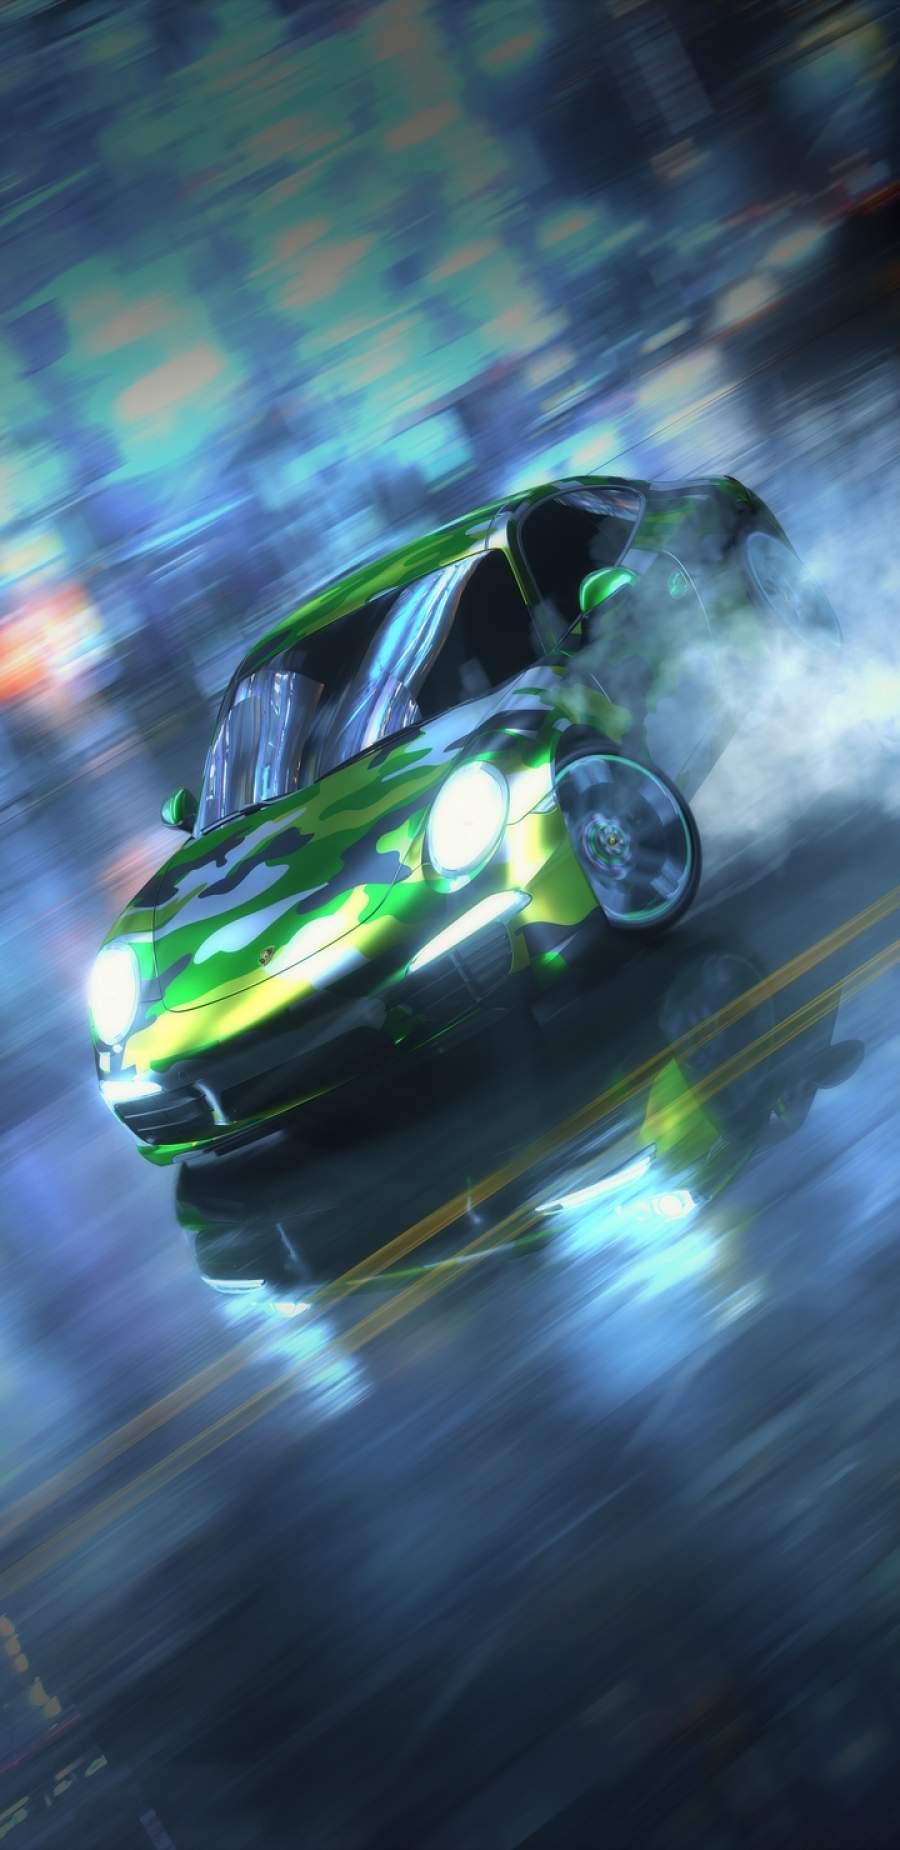 Porsche Drifting iPhone Wallpaper